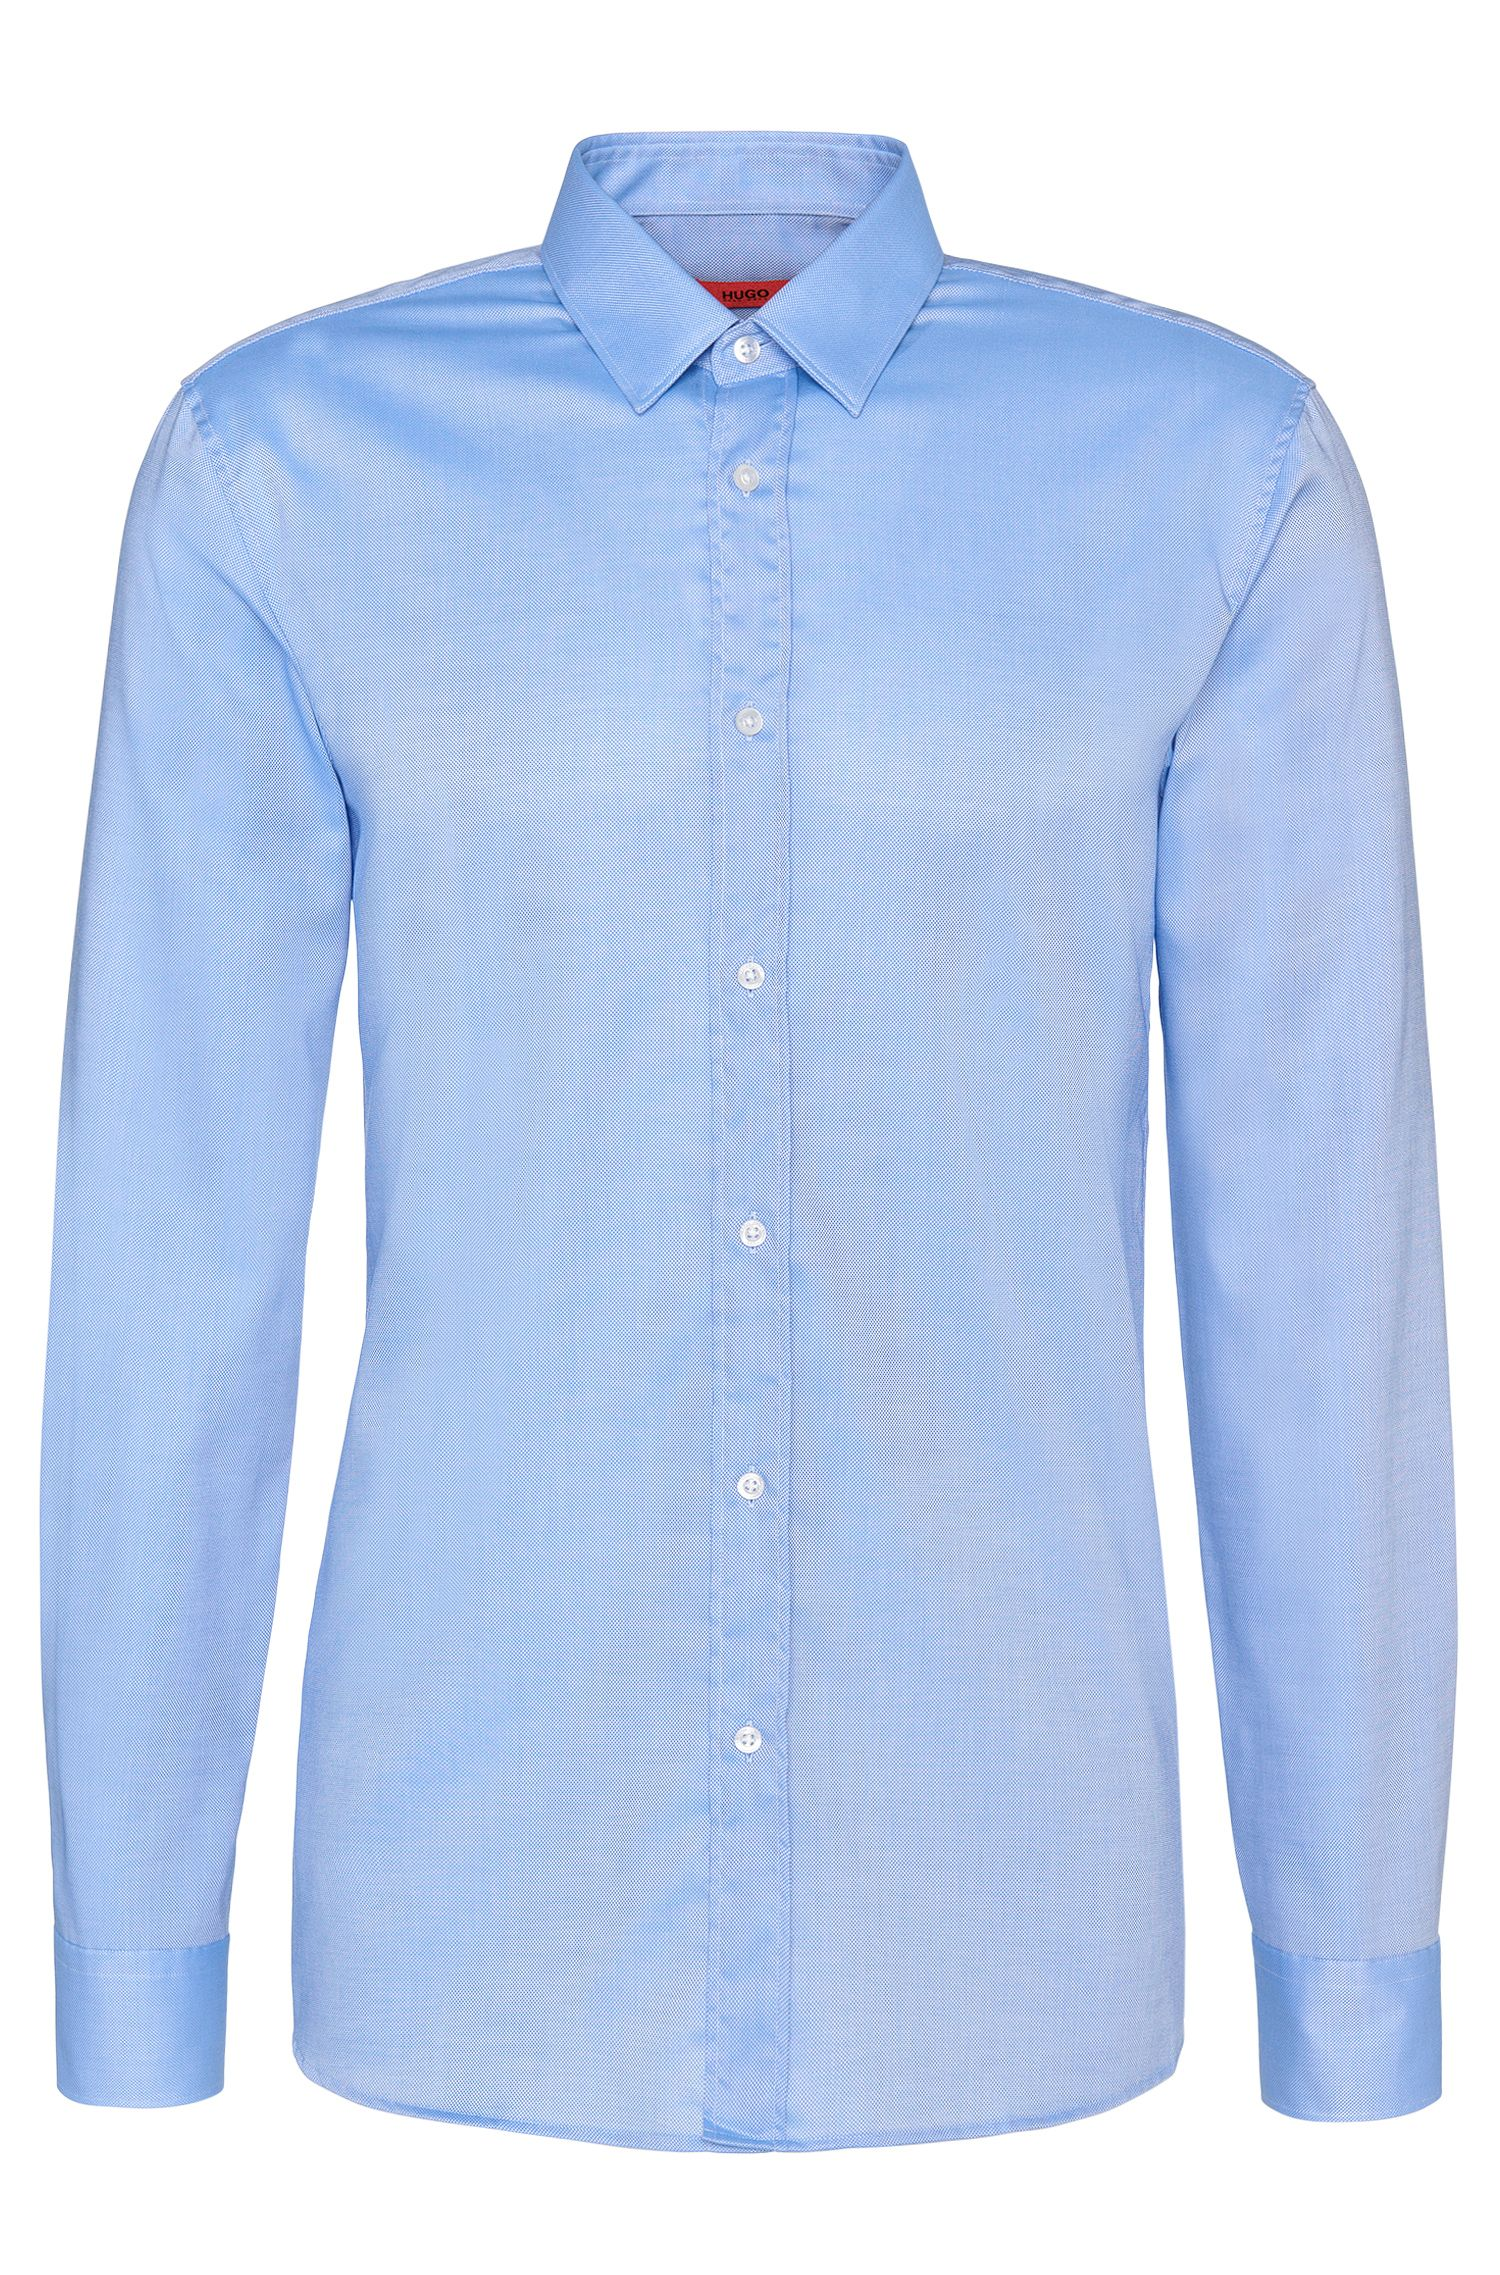 Camicia business Slim-Fit 'Elisha01' in cotone facile da stirare